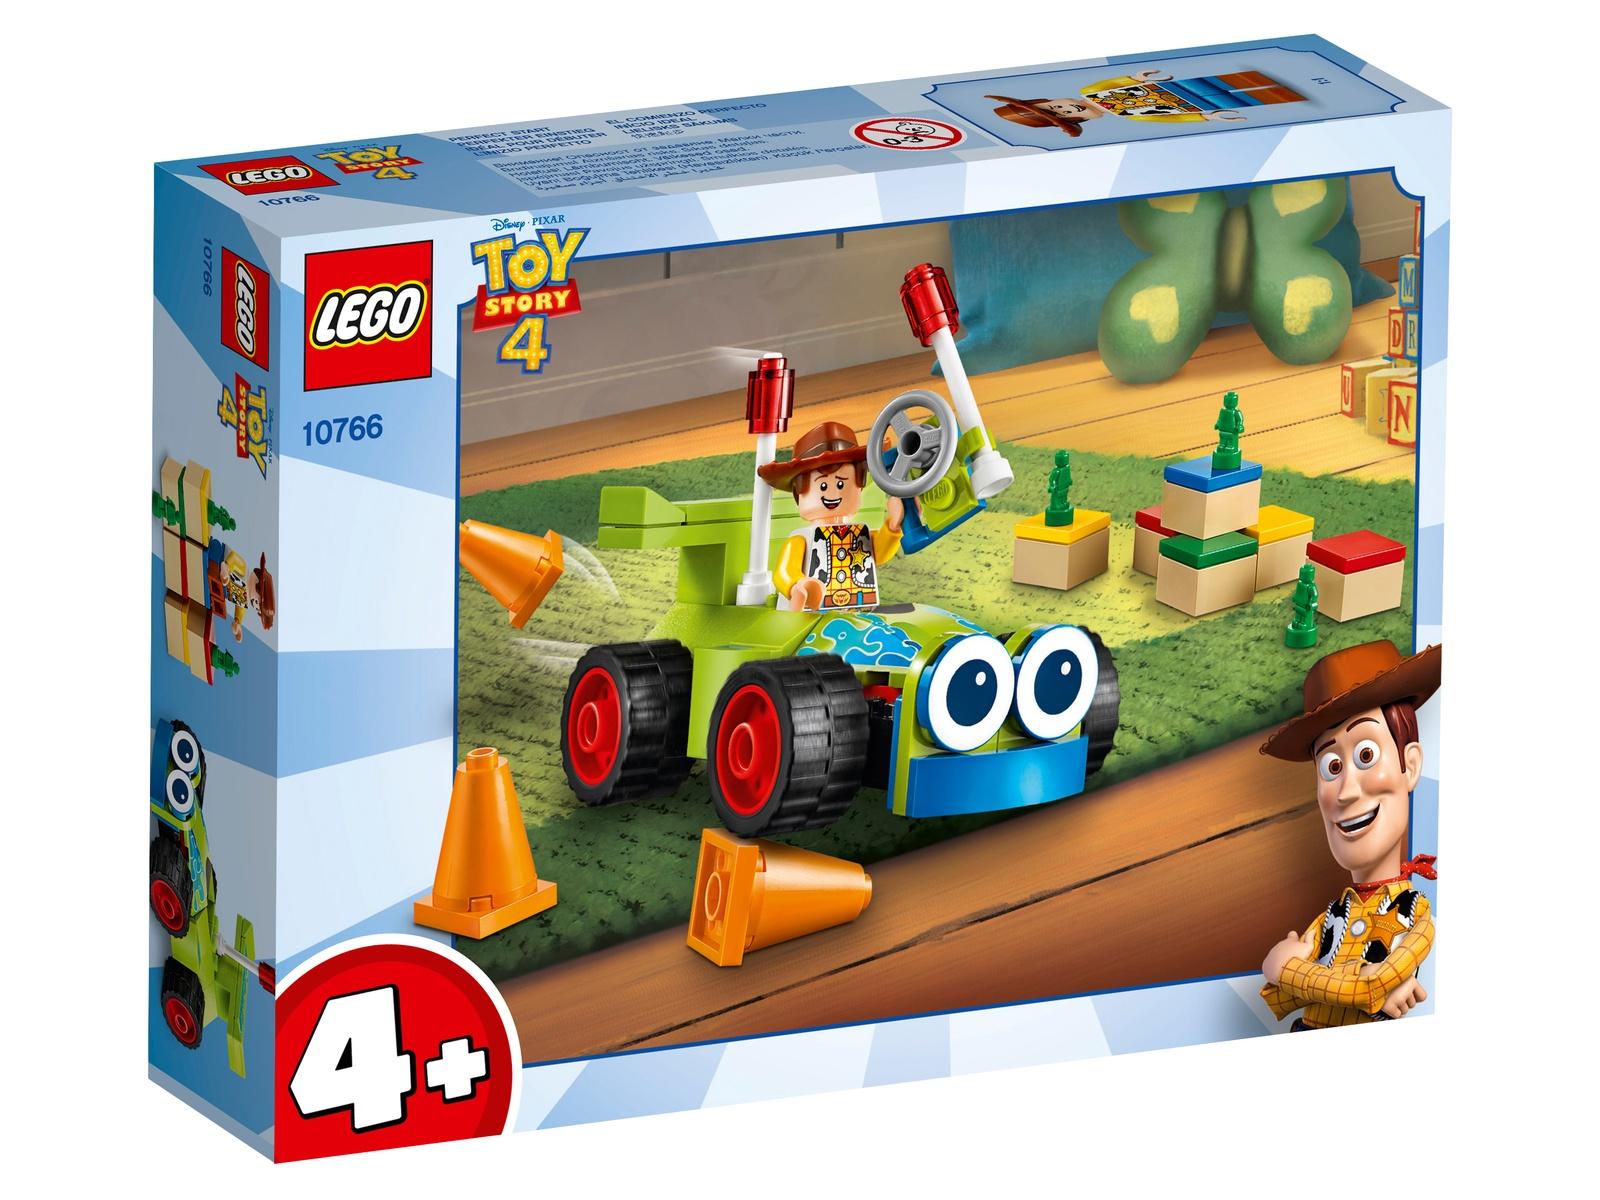 Пластиковый конструктор LEGO 10766 конструктор lego disney princess 41154 волшебный замок золушки